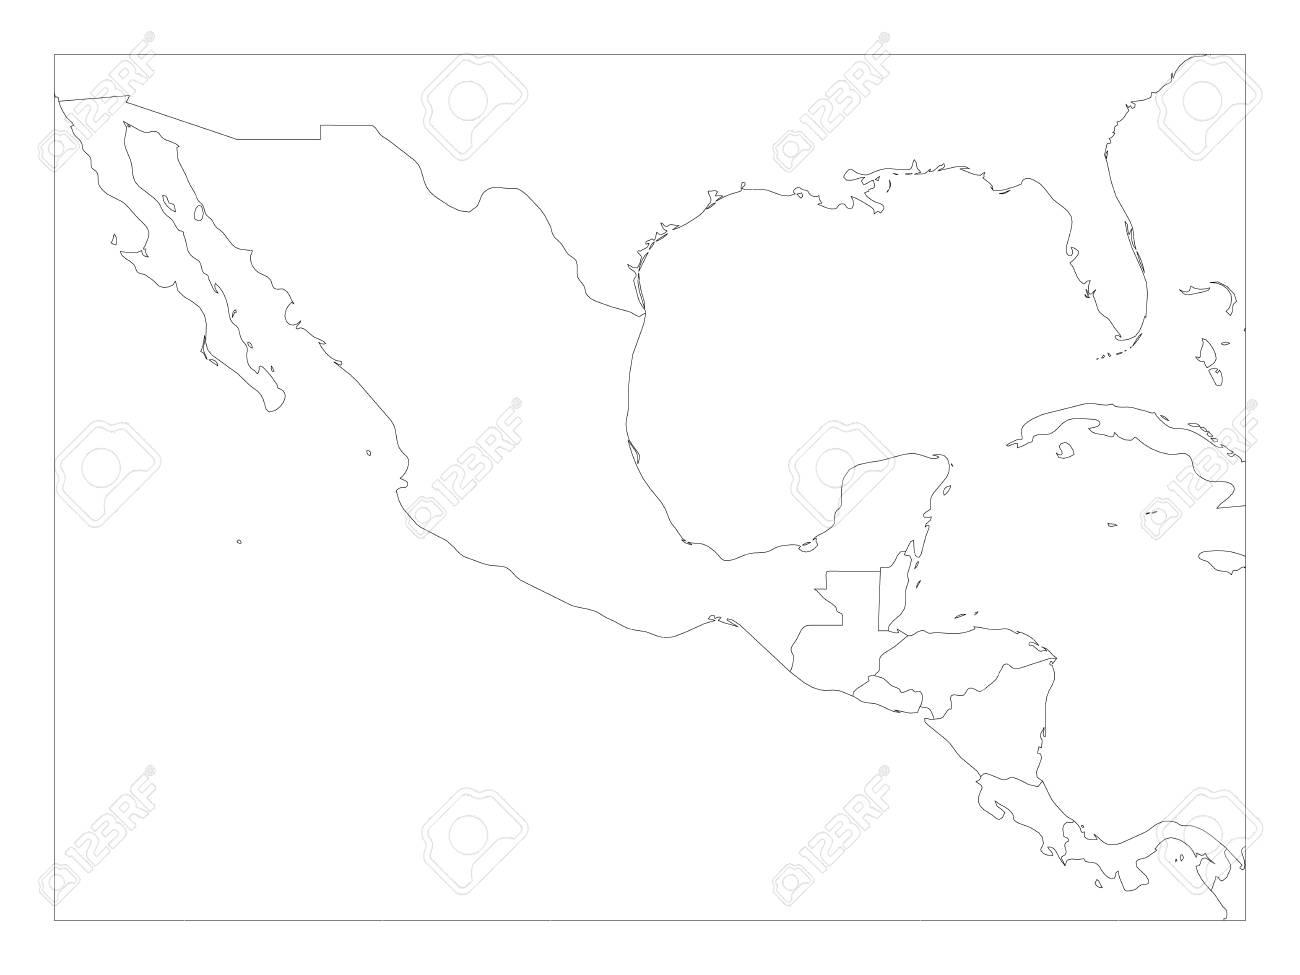 Mexiko Karte Umriss.Stock Photo